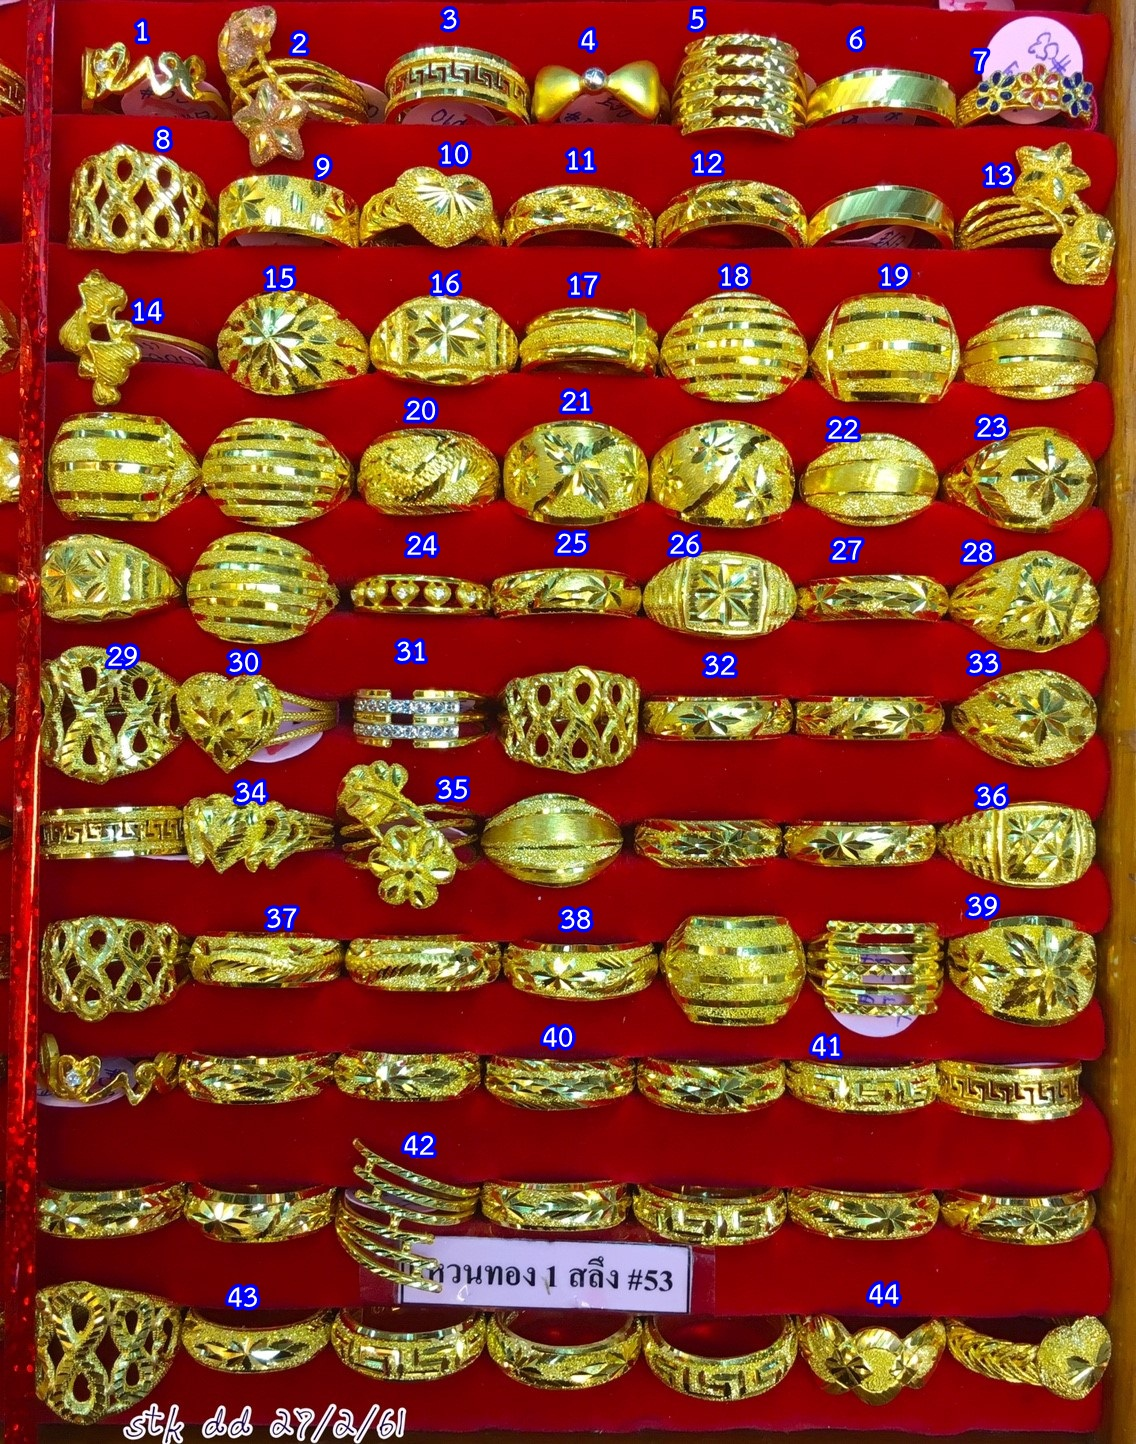 แหวนทองแท้ 96.5 % หนัก 1 สลึง (3.8 กรัม) #53